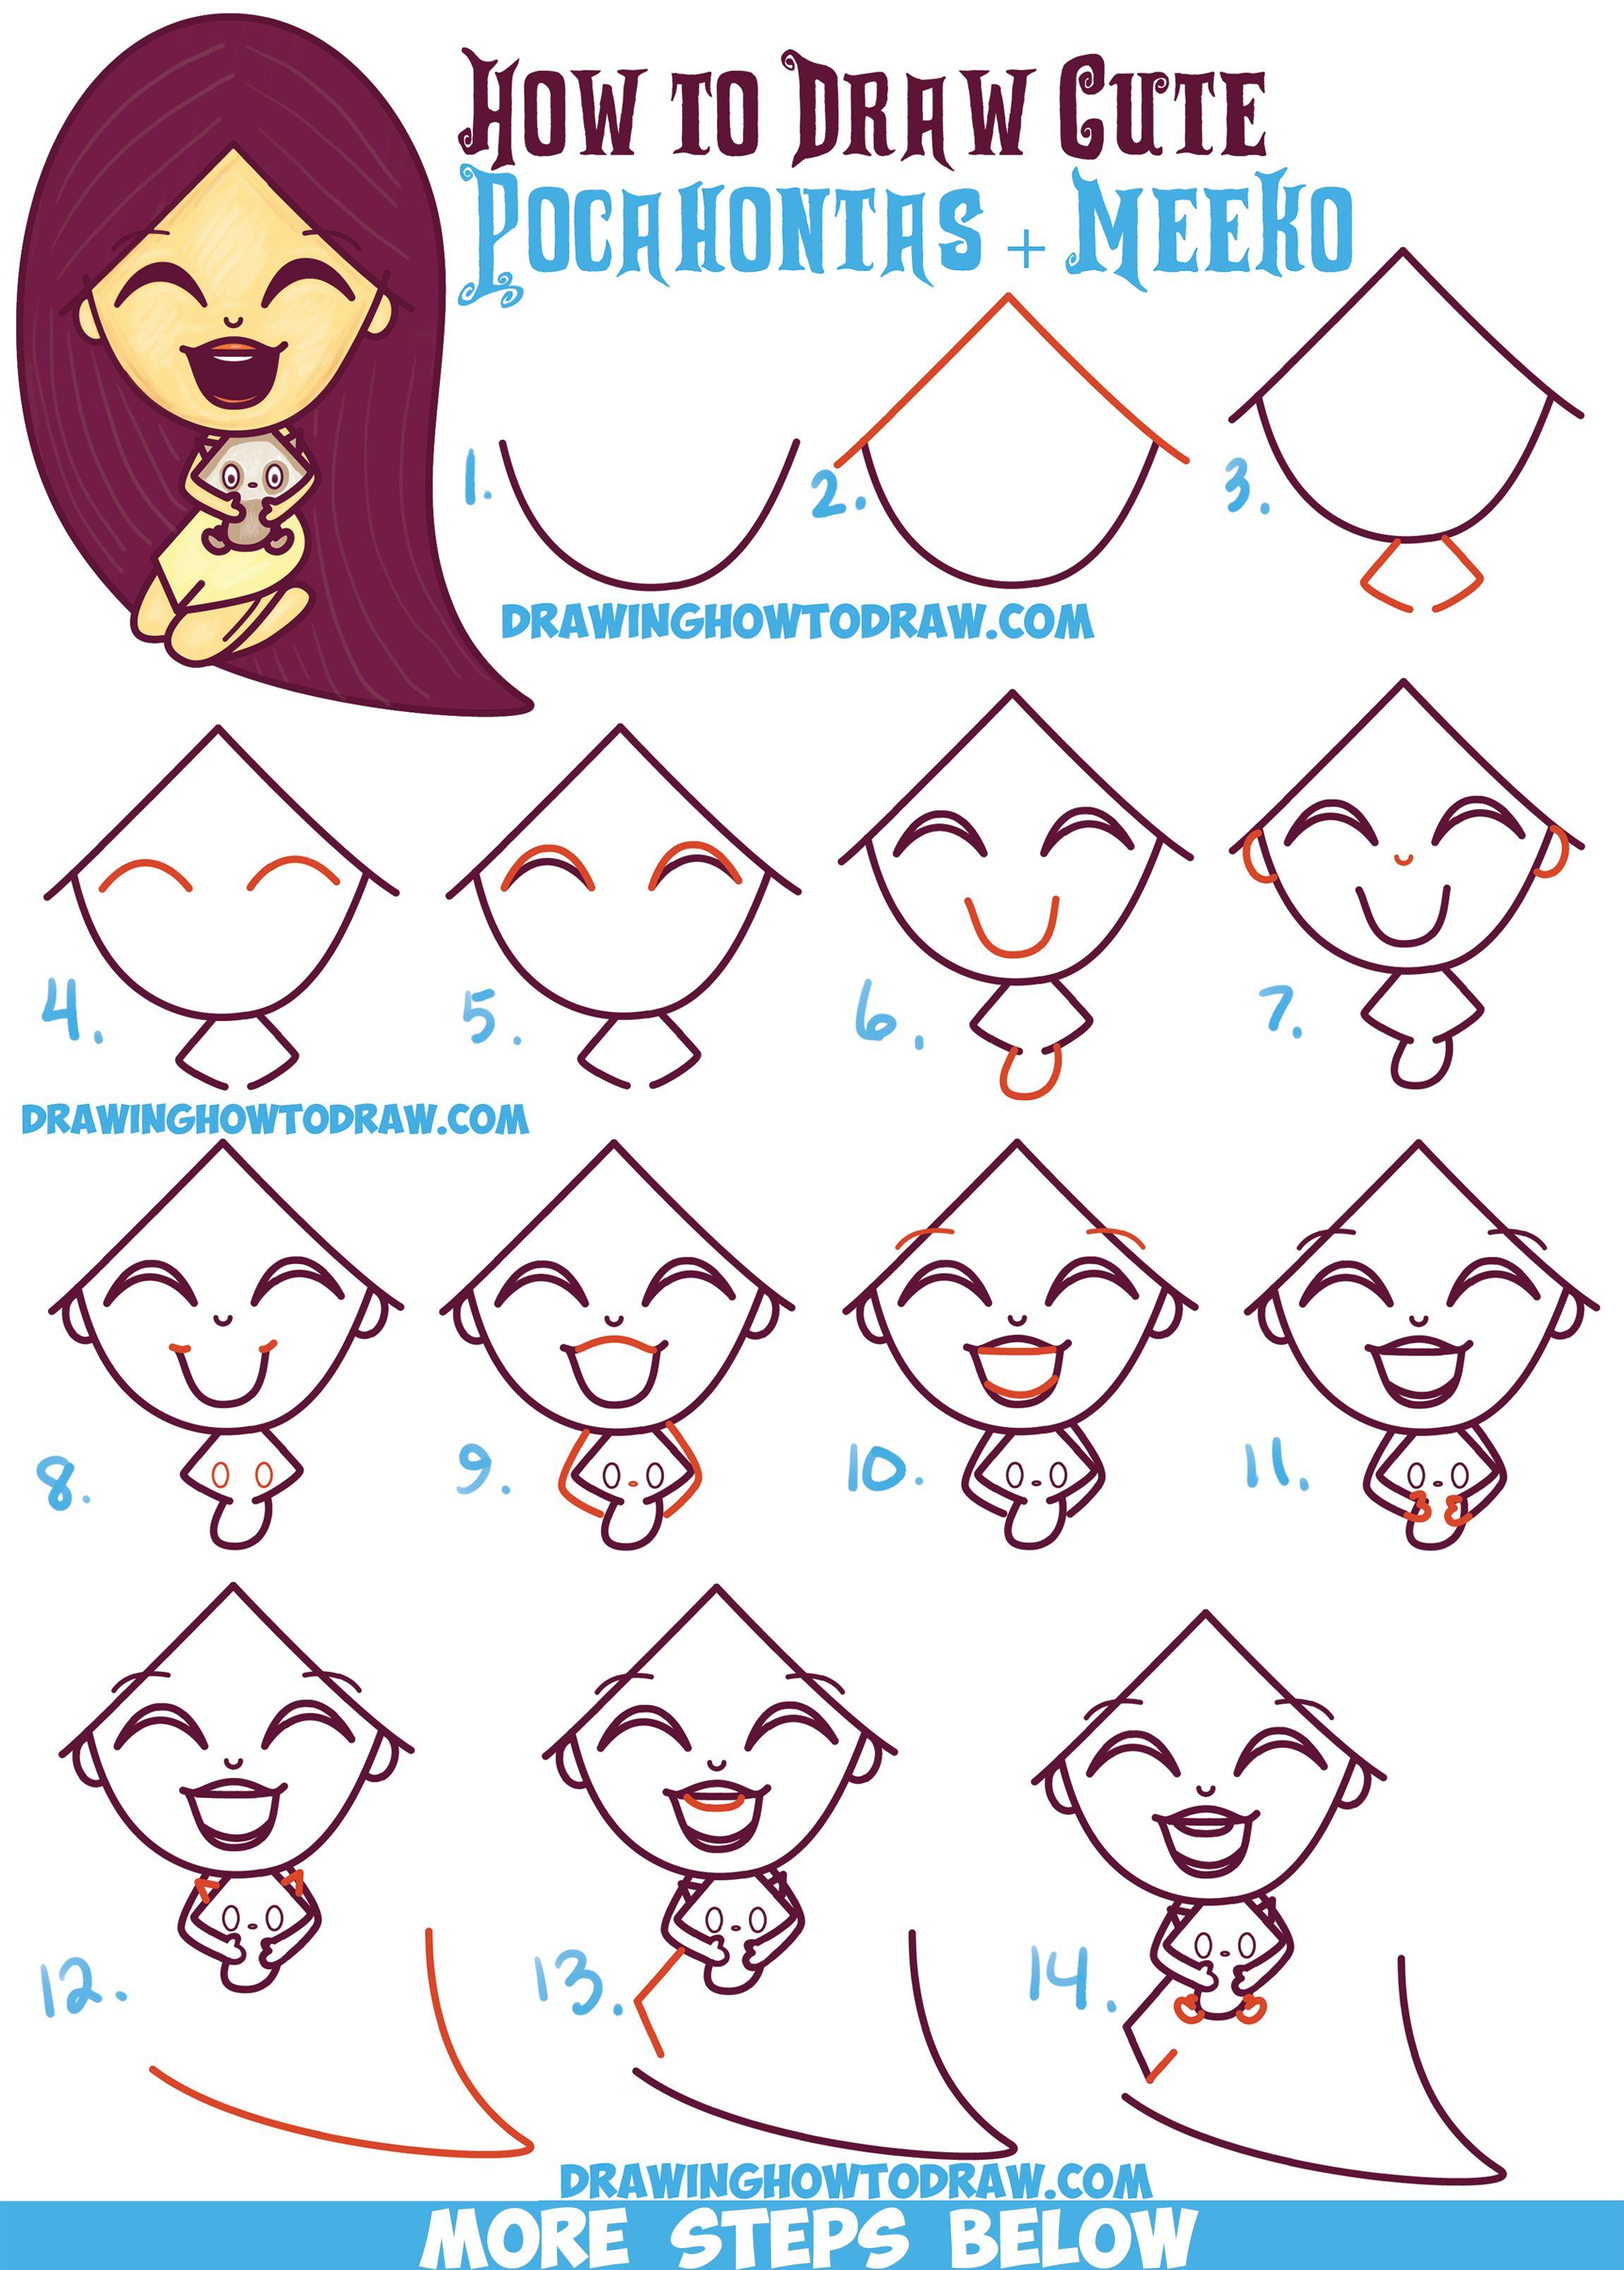 How To Draw A Cute Kawaii / Chibi Pocahontas And Meeko